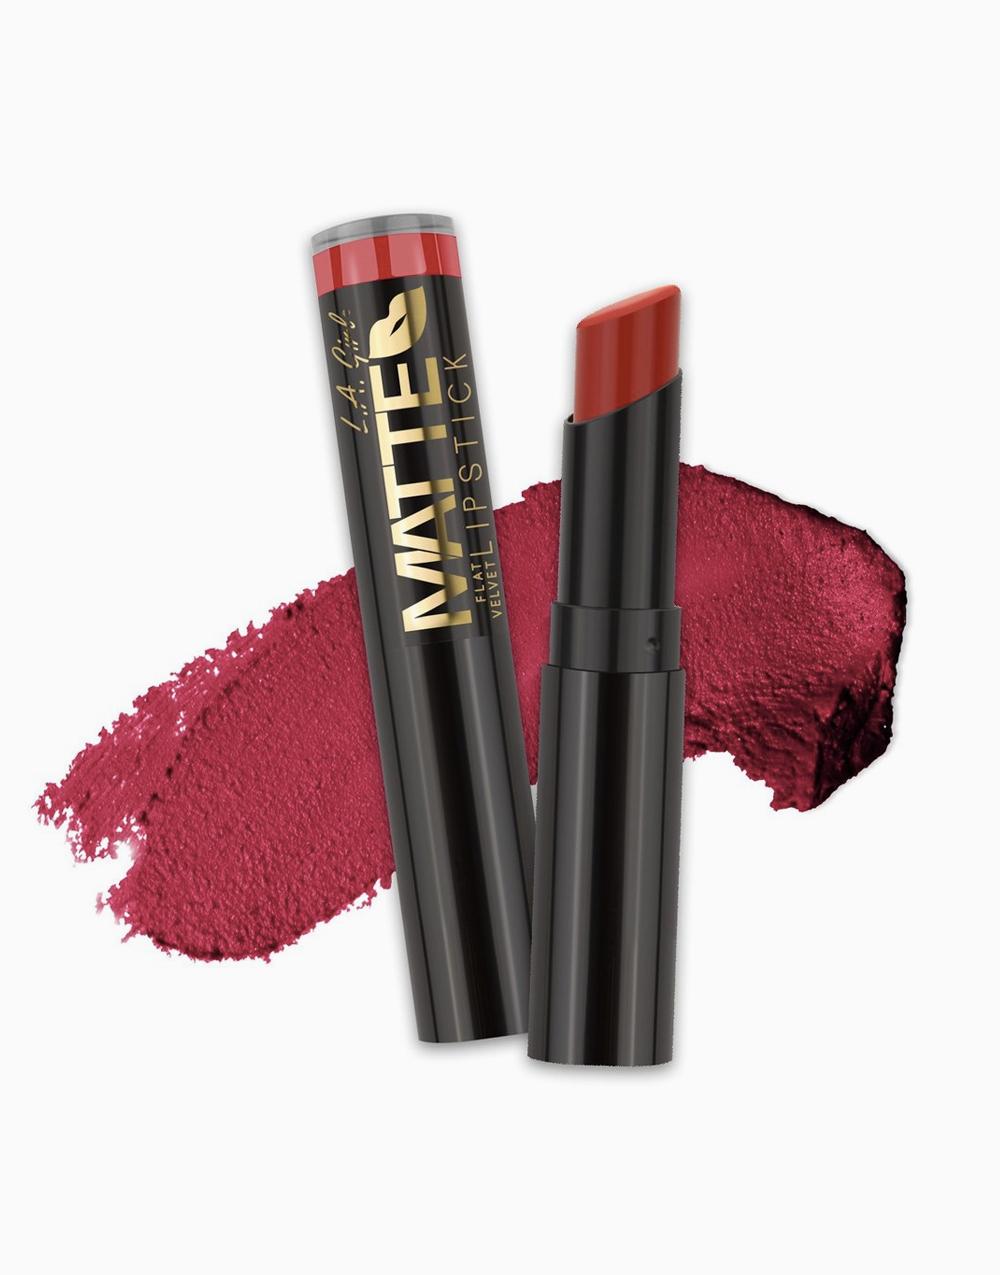 Flat Velvet Matte Lipstick by L.A. Girl | Gossip